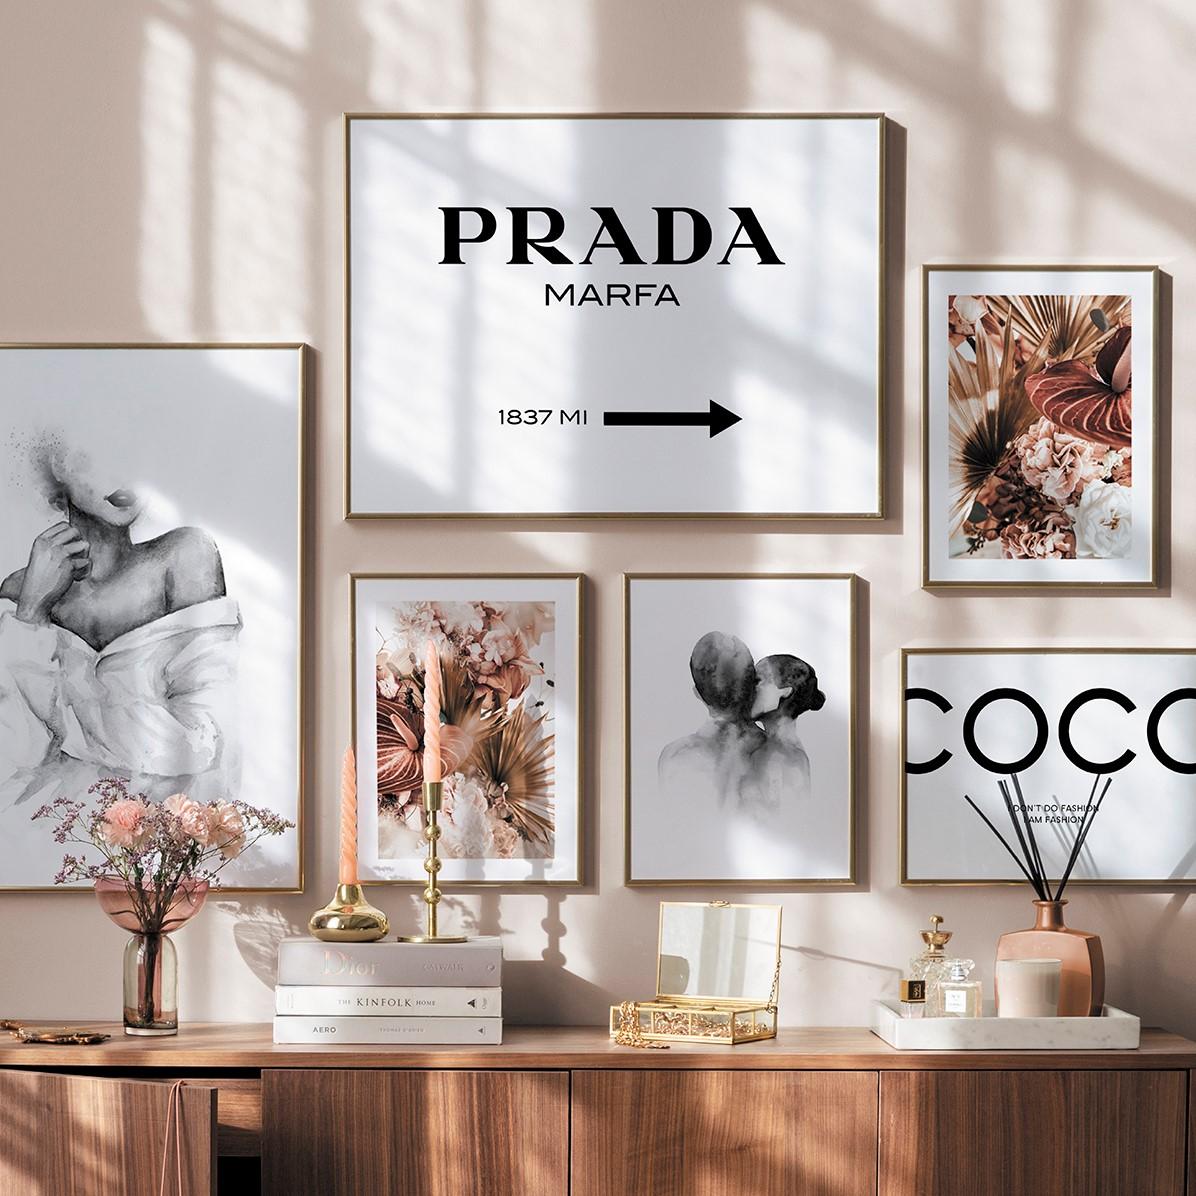 Dekoriere deine Wände mit neuer Wandkunst! Spare 5€ auf Poster.*